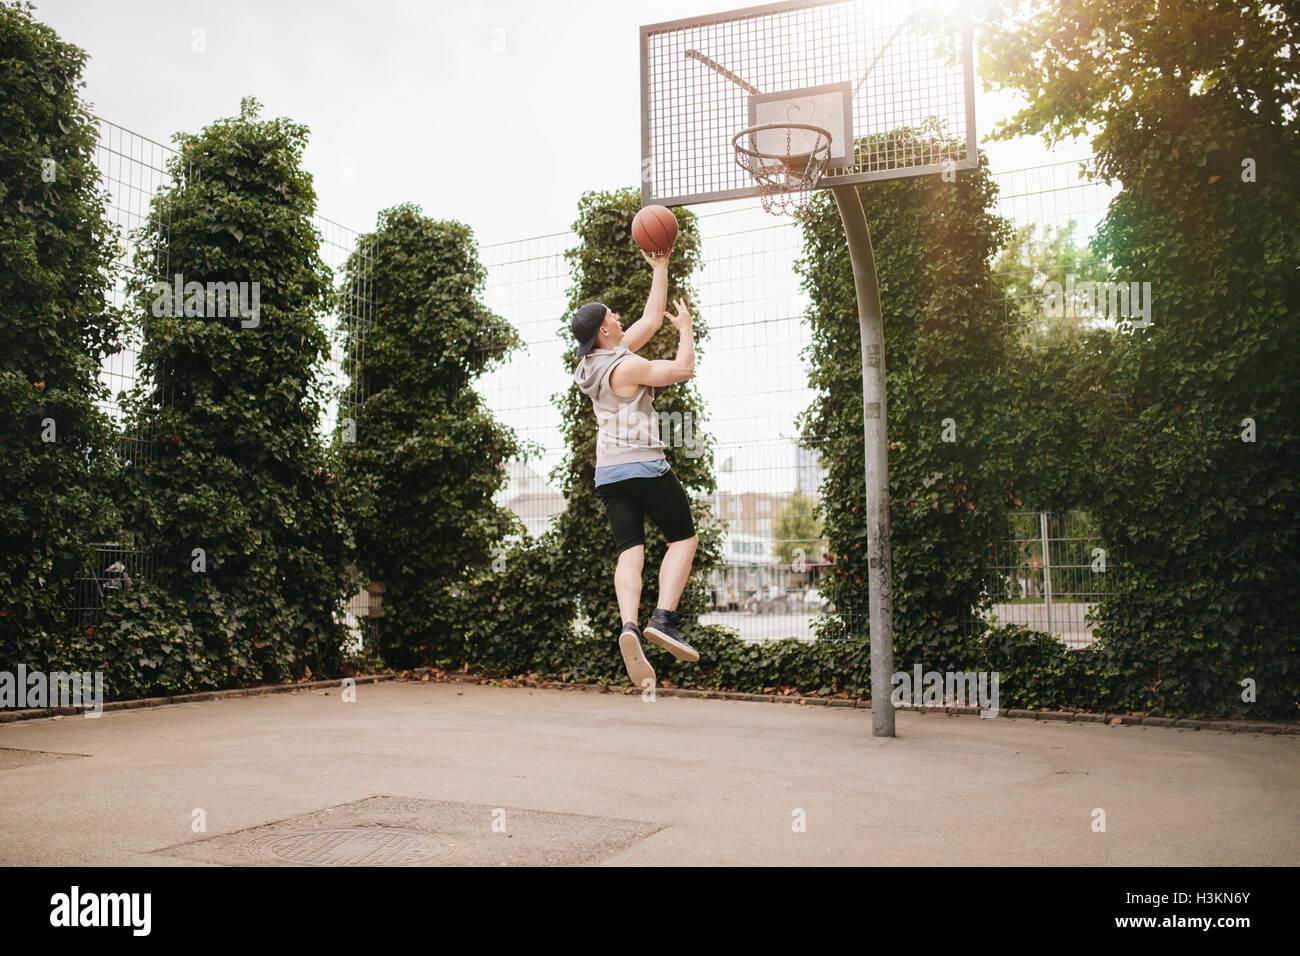 Joven saltando y mojando el baloncesto en el aro. Chico adolescente jugando streetball. Imagen De Stock